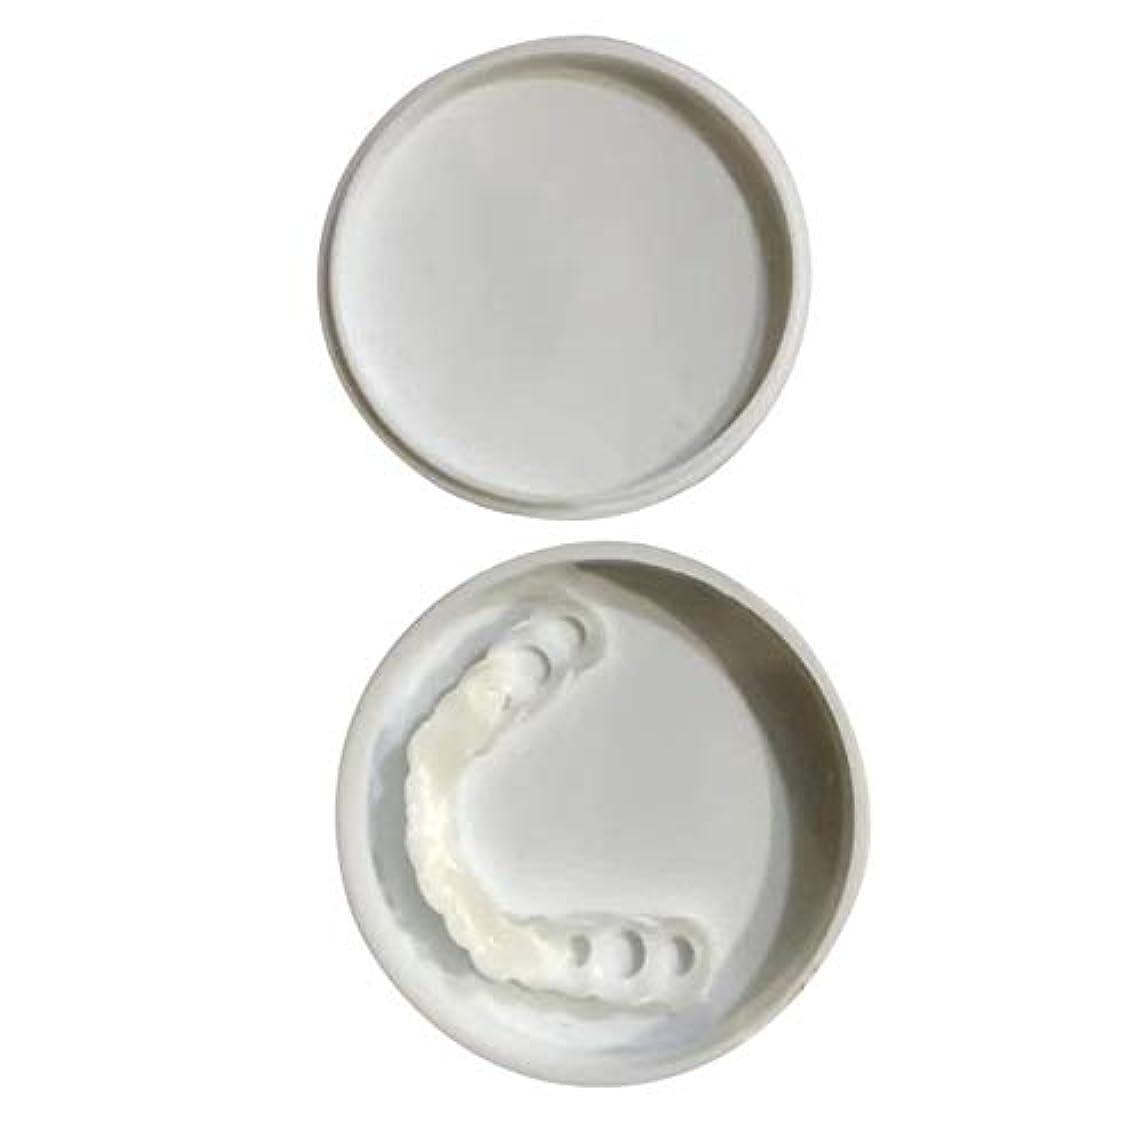 示す現在四分円快適なスナップオン男性女性歯インスタントパーフェクトスマイルコンフォートフィットフレックス歯フィットホワイトニング笑顔偽歯カバー - ホワイト